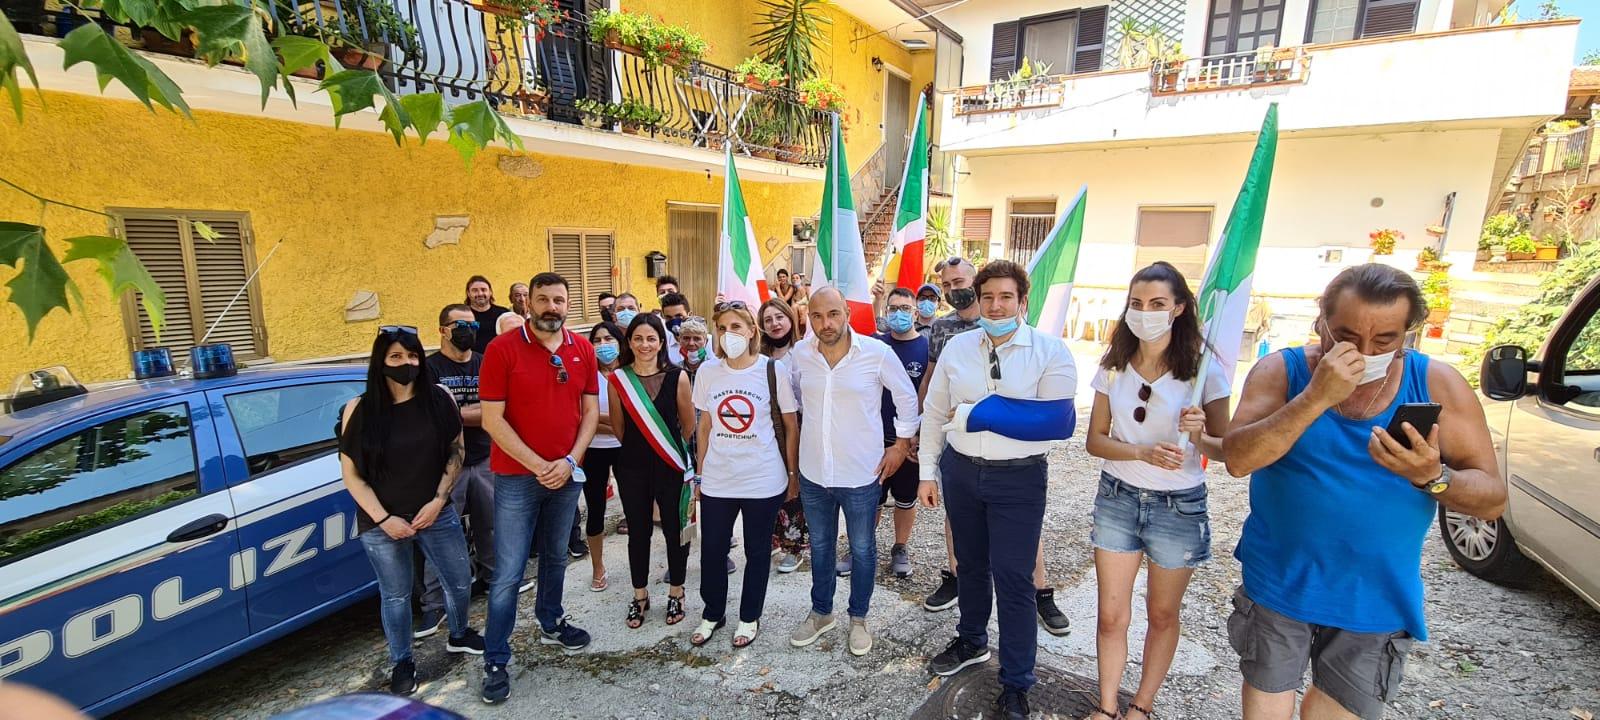 Il caso migranti a Civita D'Antino finisce in parlamento